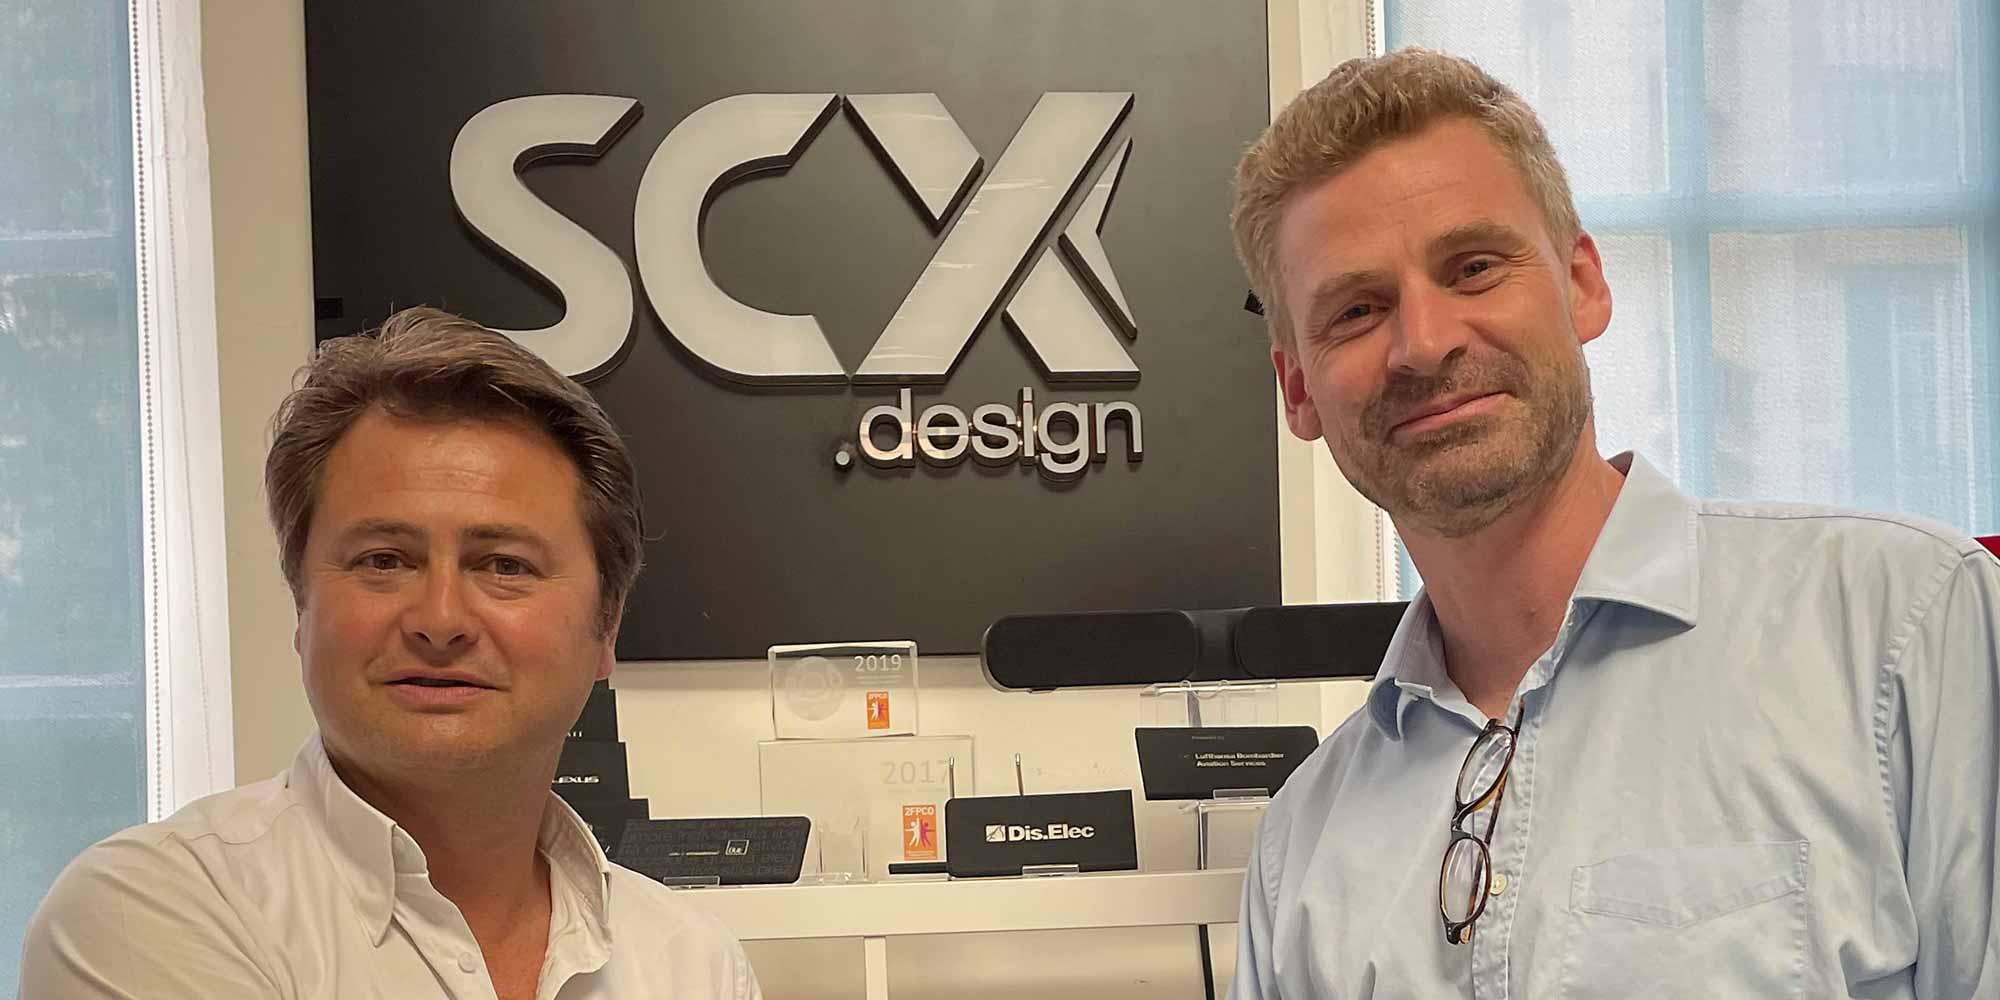 L'accord de distribution des produits SCX Design aux Etats-Unis et au Canada a été signé par Stanislas Confavreux, Pdg de SCX, et Pierre Montaubin, vice-président de Koozie Group.